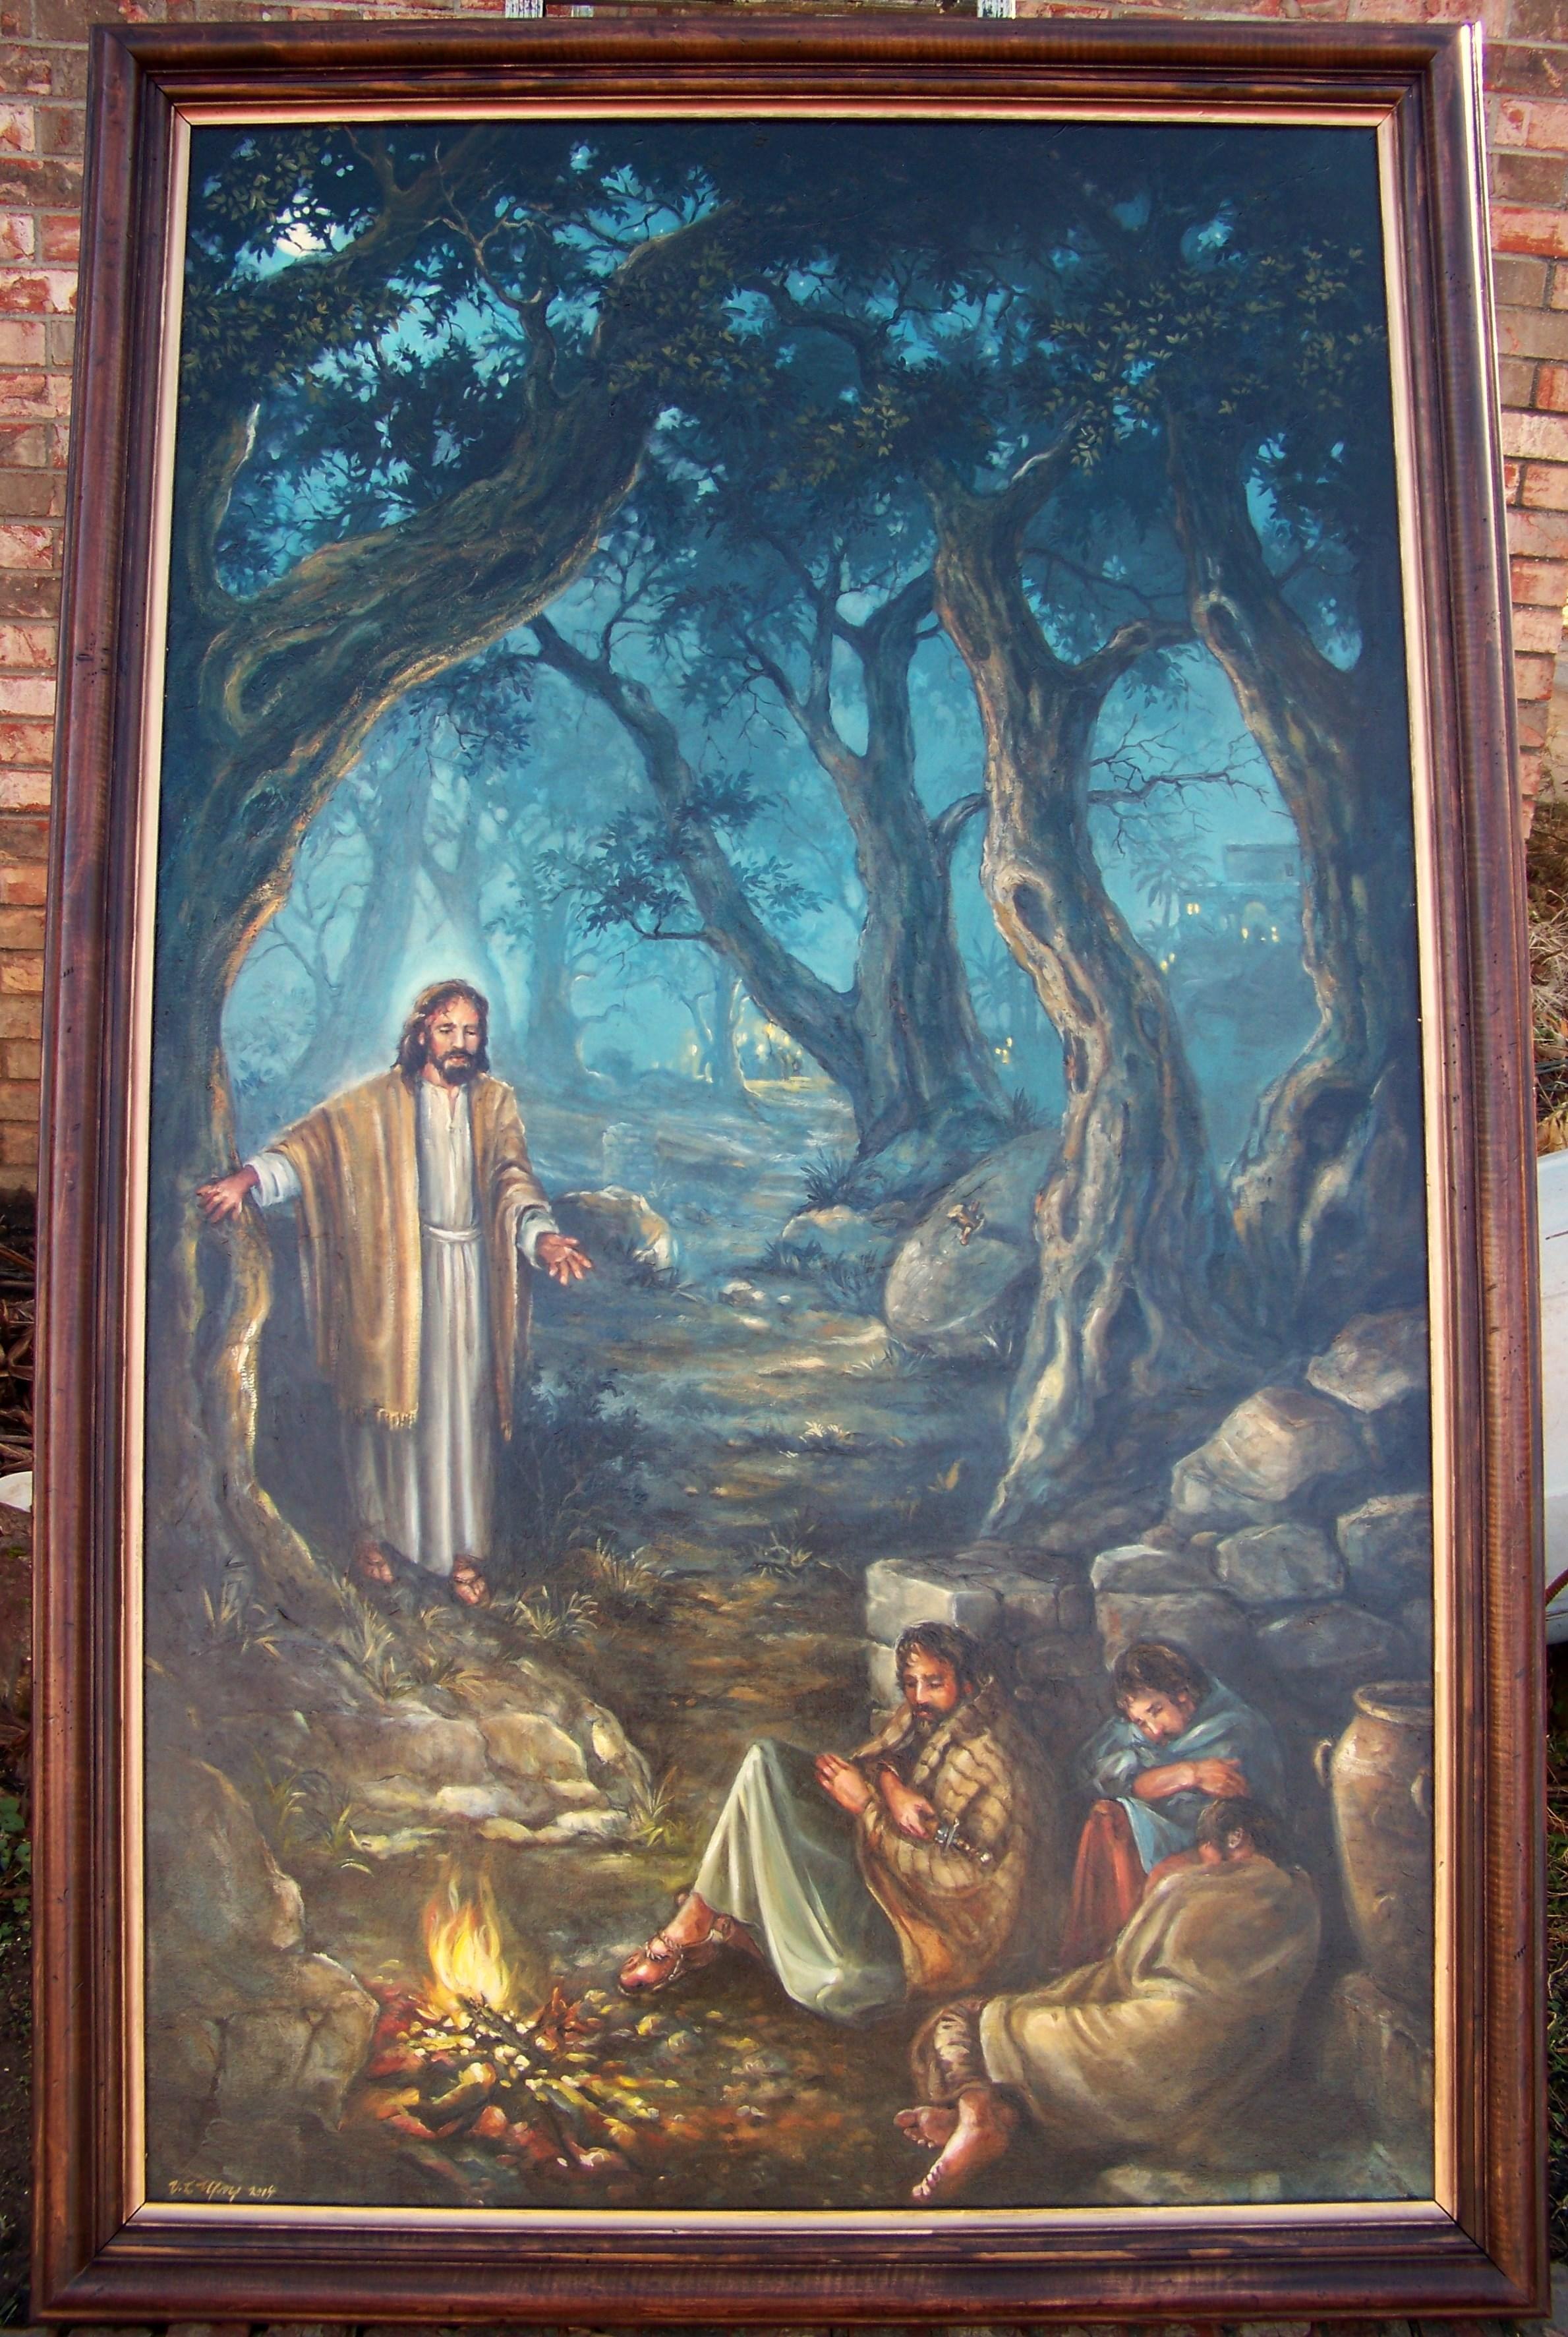 Gethsemane, Oil on Canvas 3'x5'